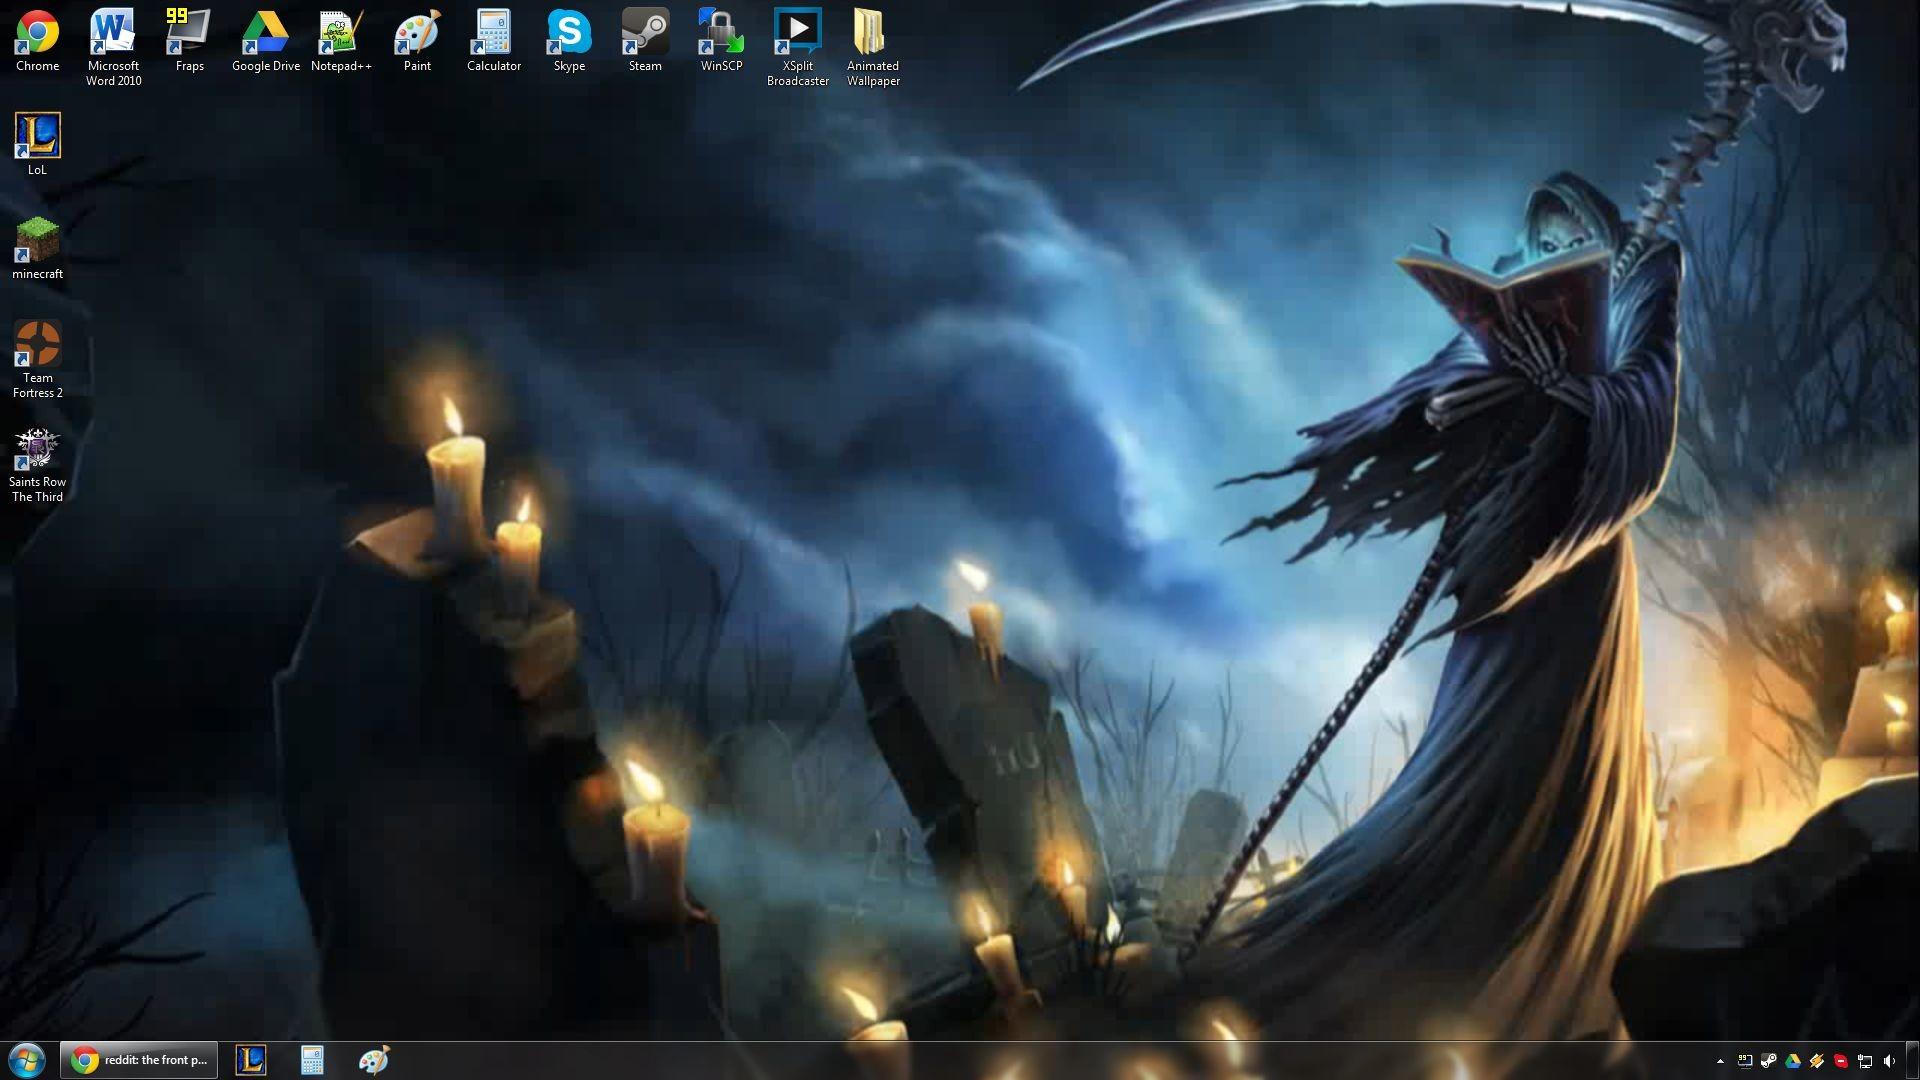 Die 88 Besten League Of Legends Hintergrundbilder 1920x1080